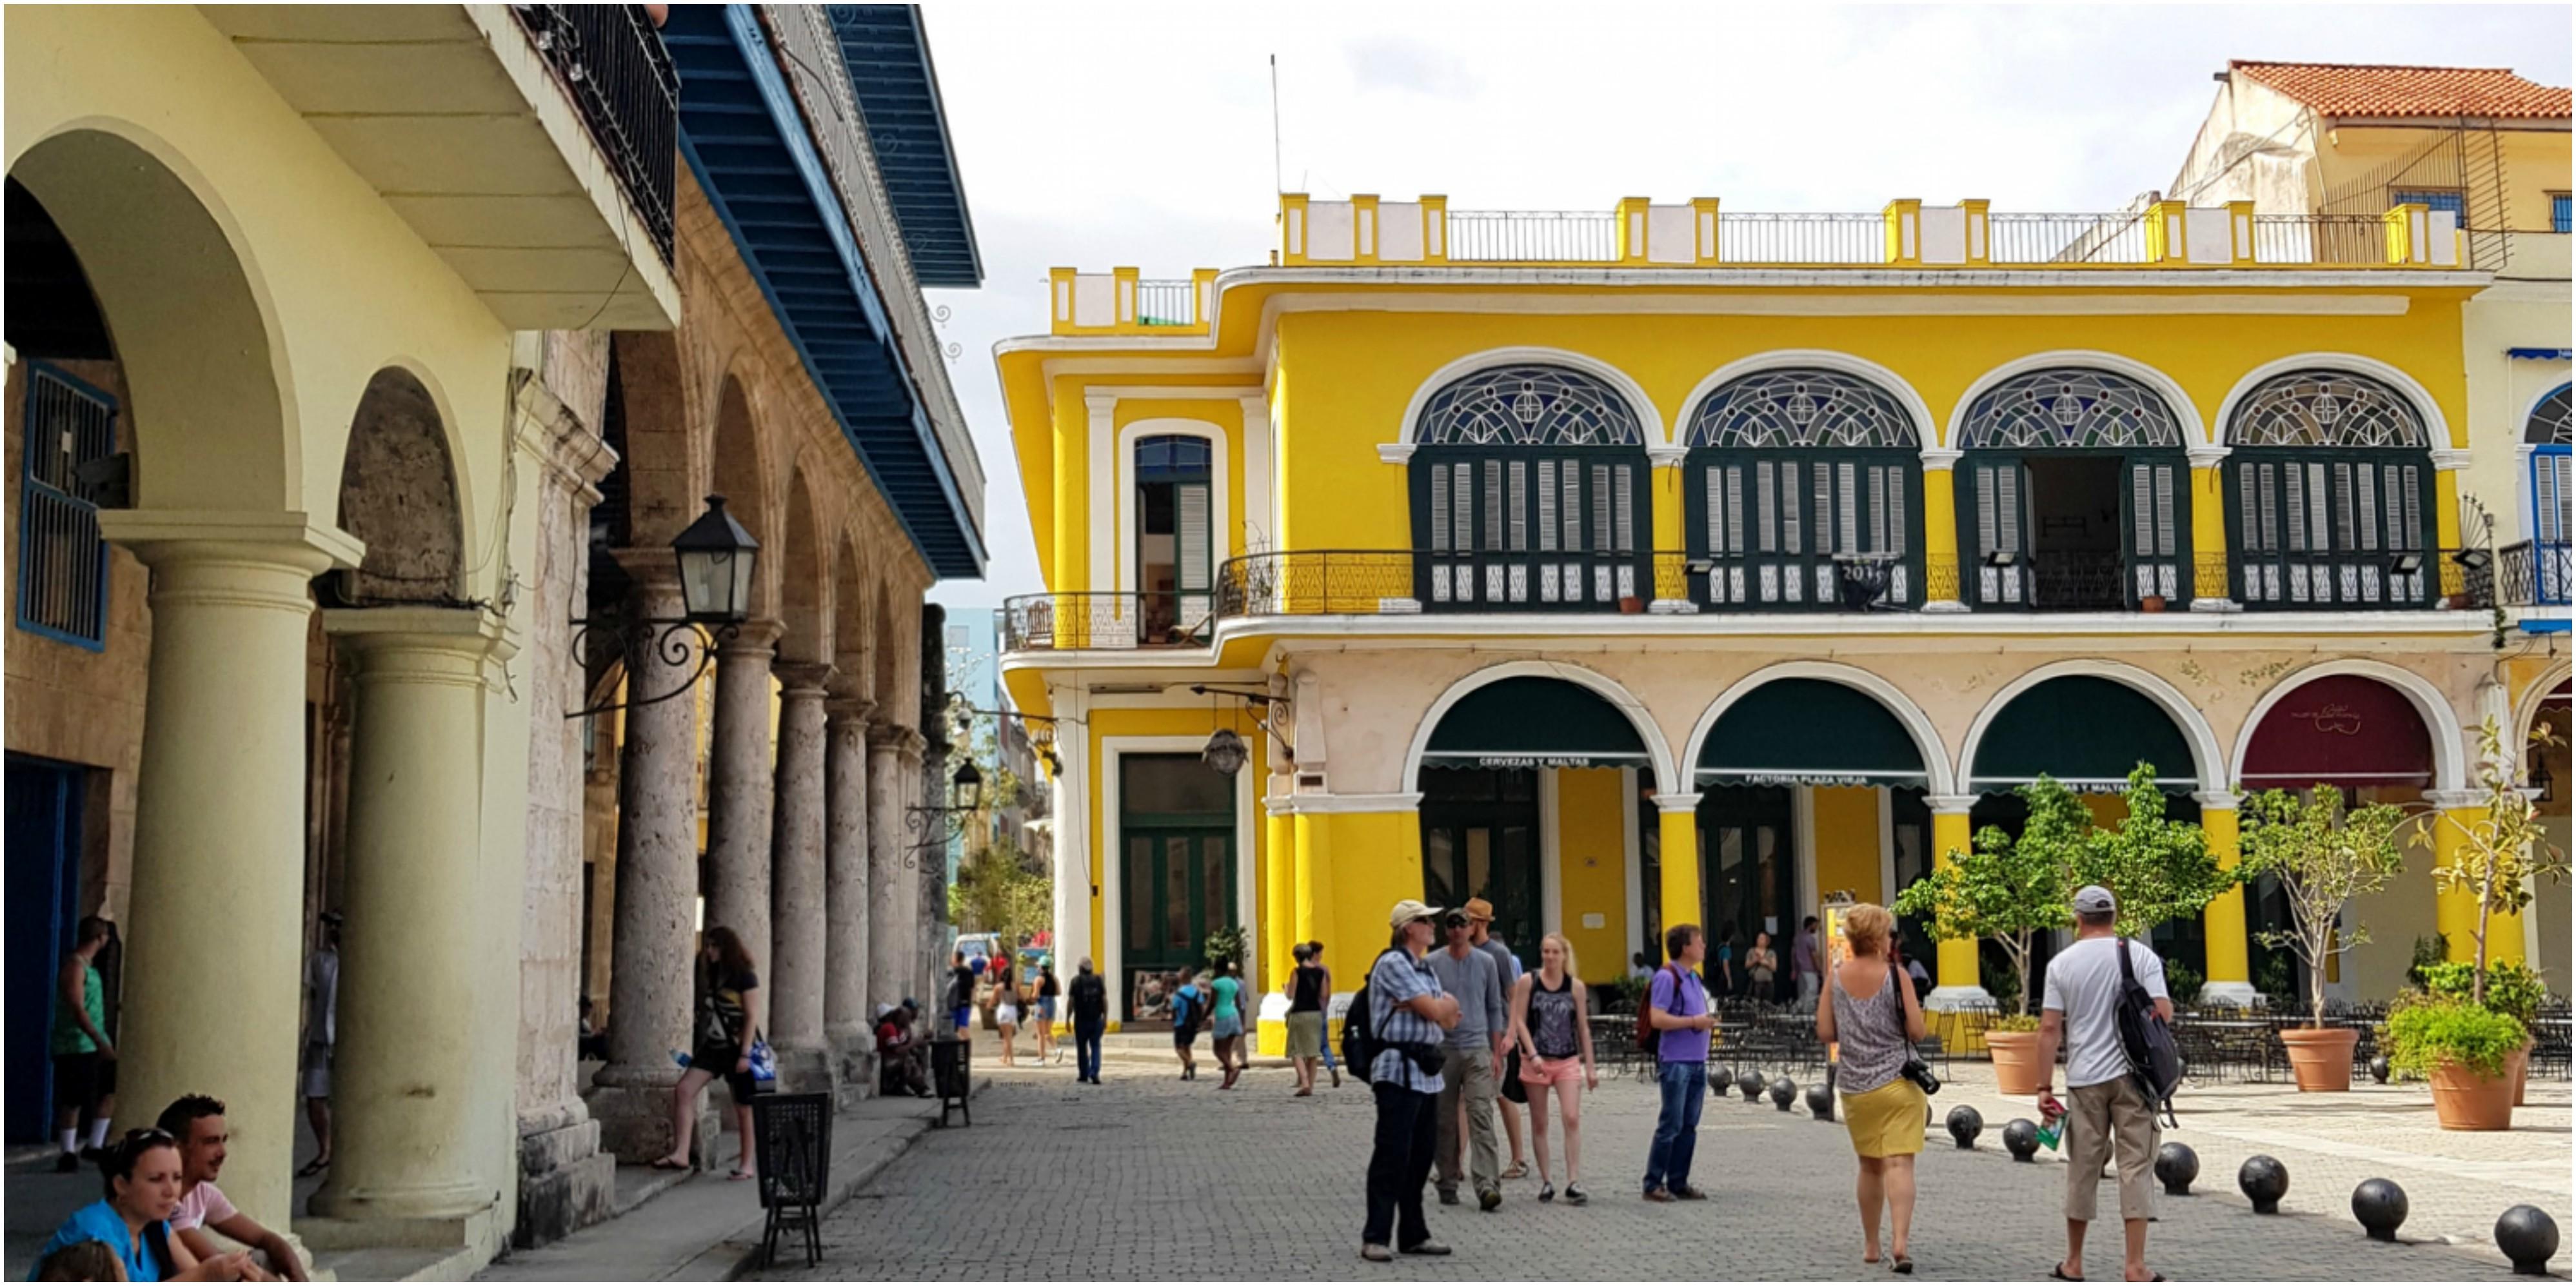 cuba-habana-vieja-plaza-la-factoria